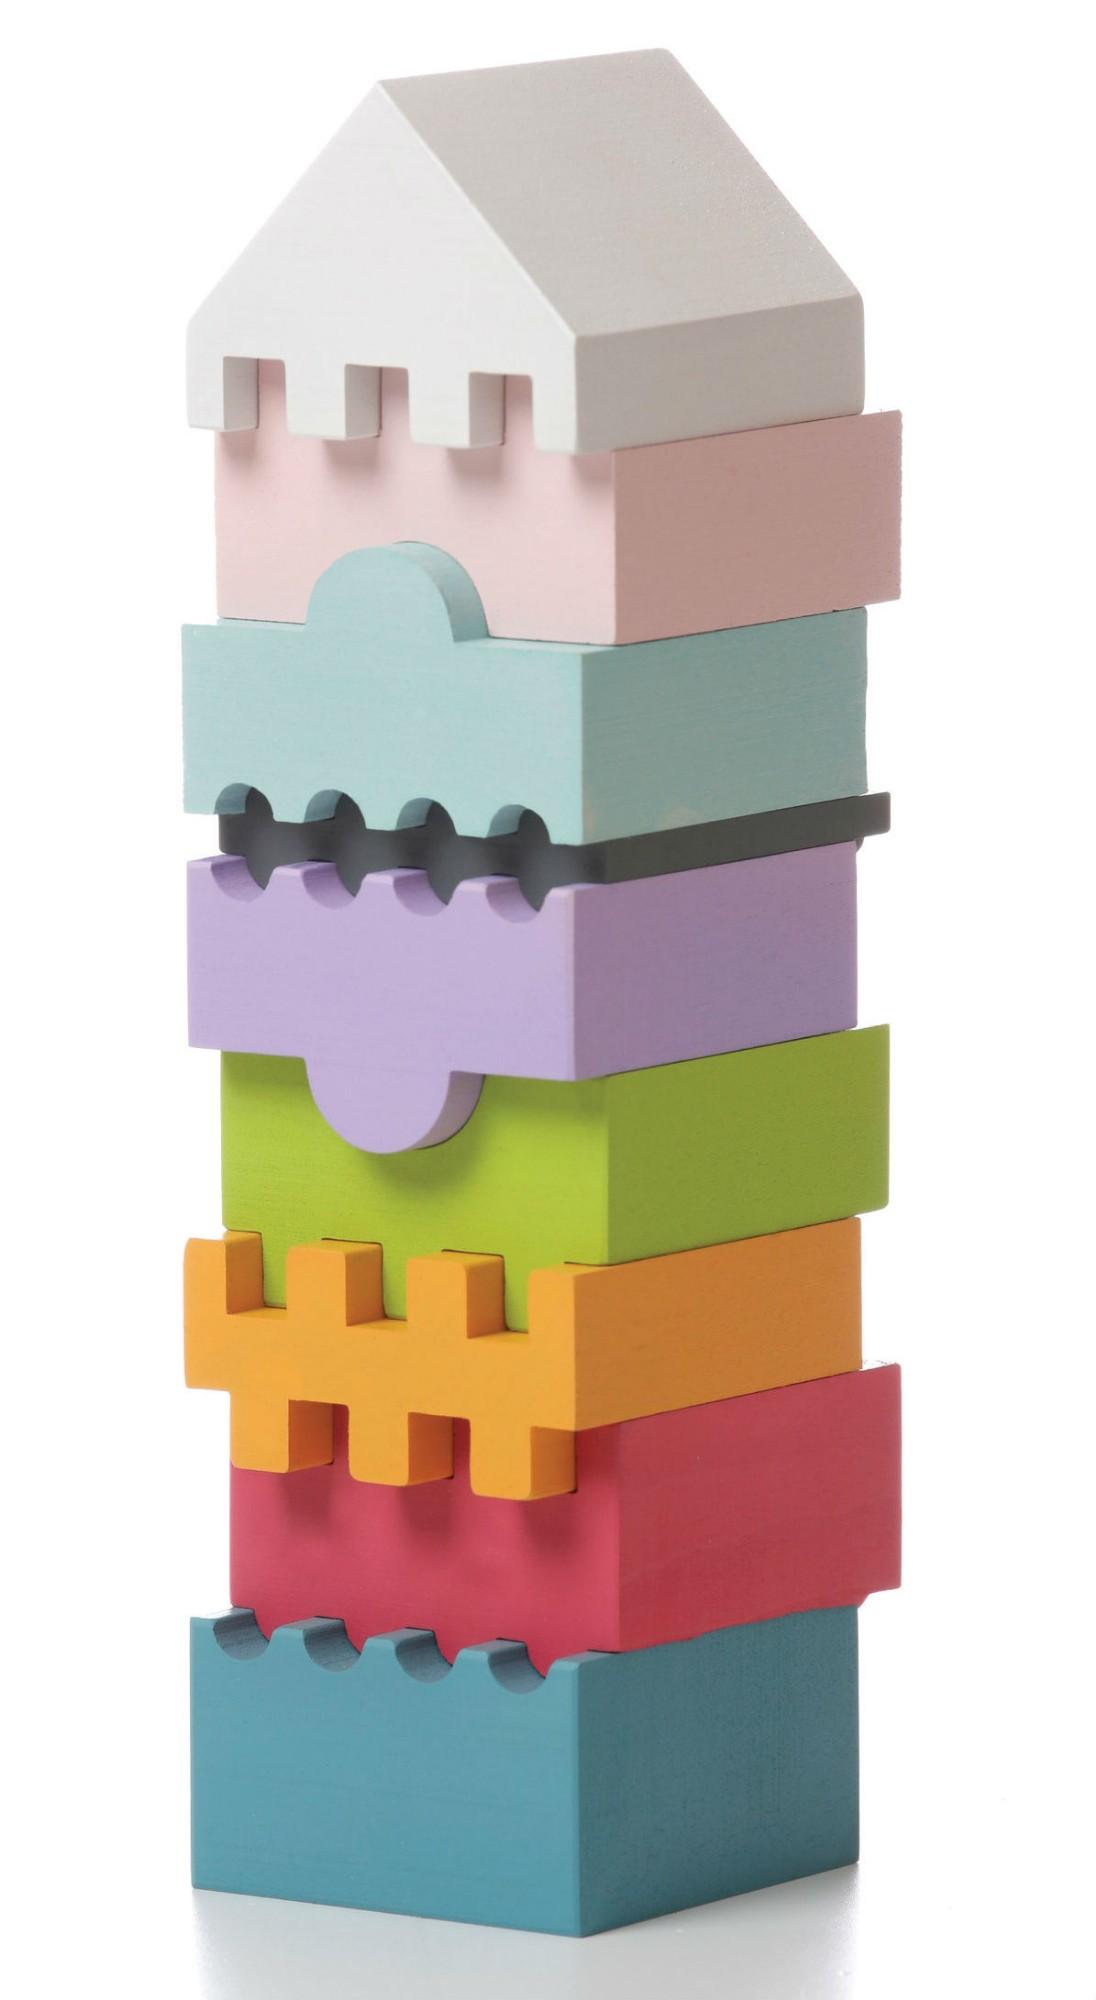 Medinių kaladėlių rinkinys CUBIKA Bokštas 2 vaikams nuo 1,5 metų (11315)